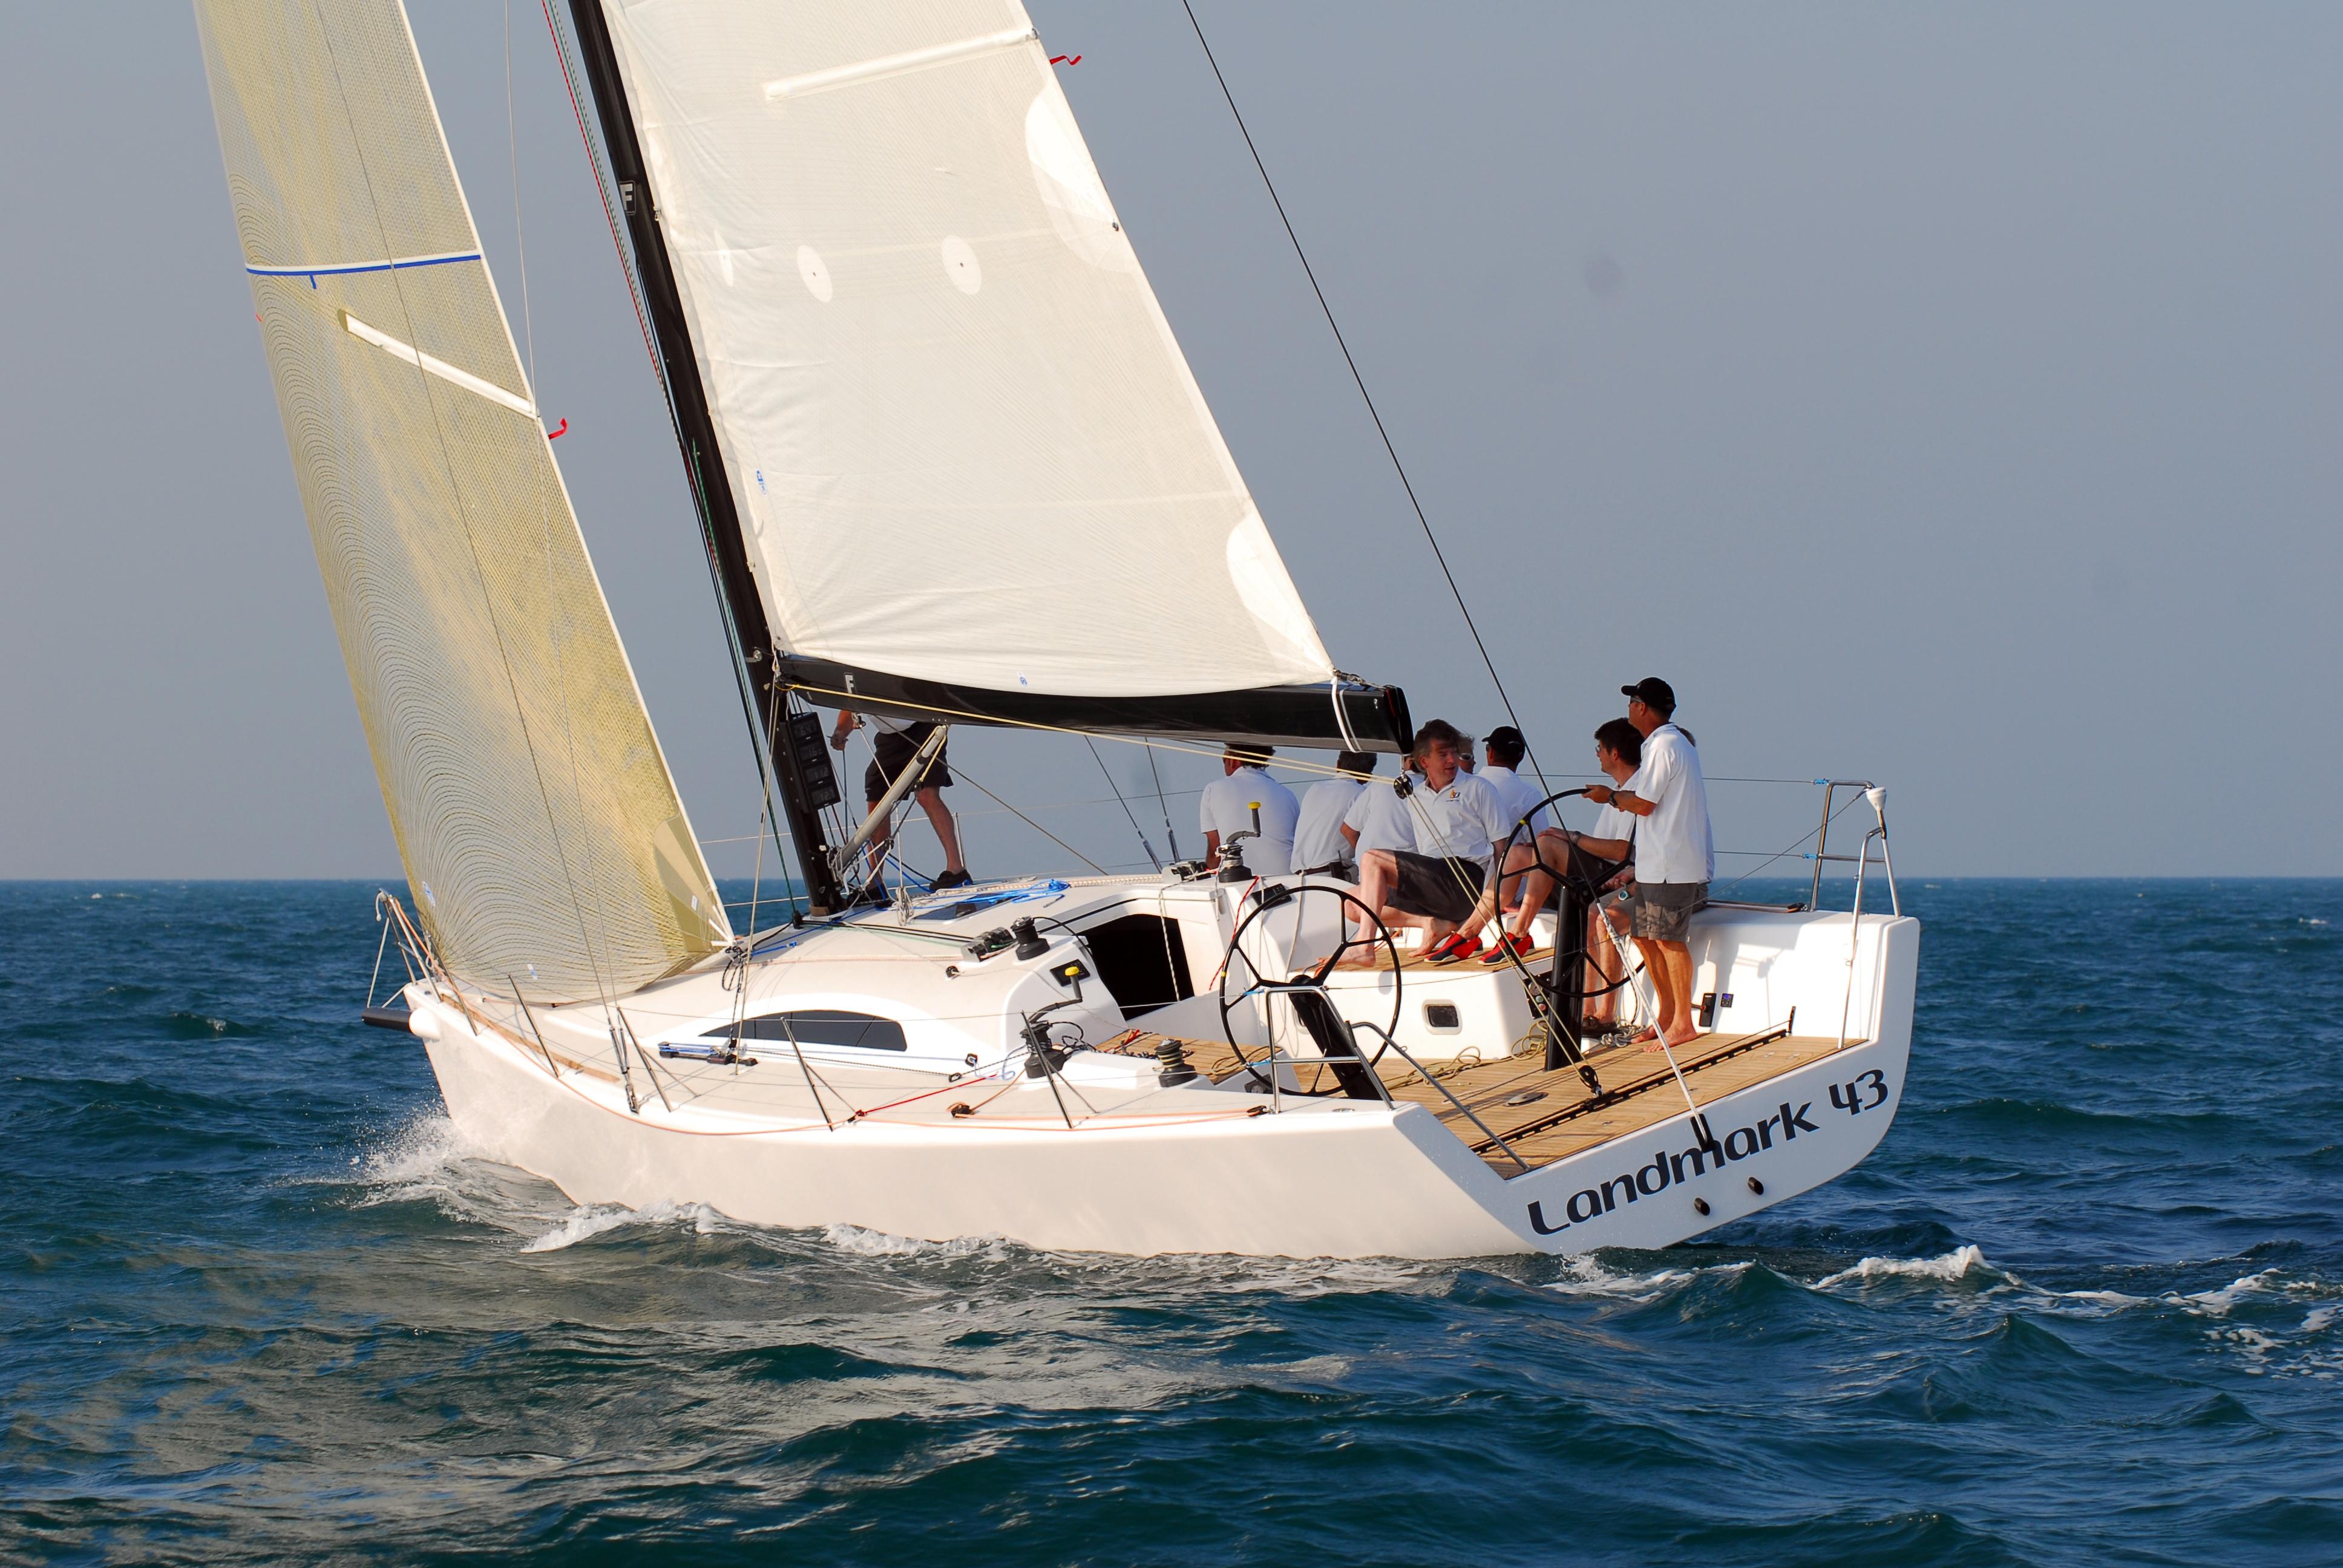 L 43 Maiden Voyage - Nov 07 002 (8)